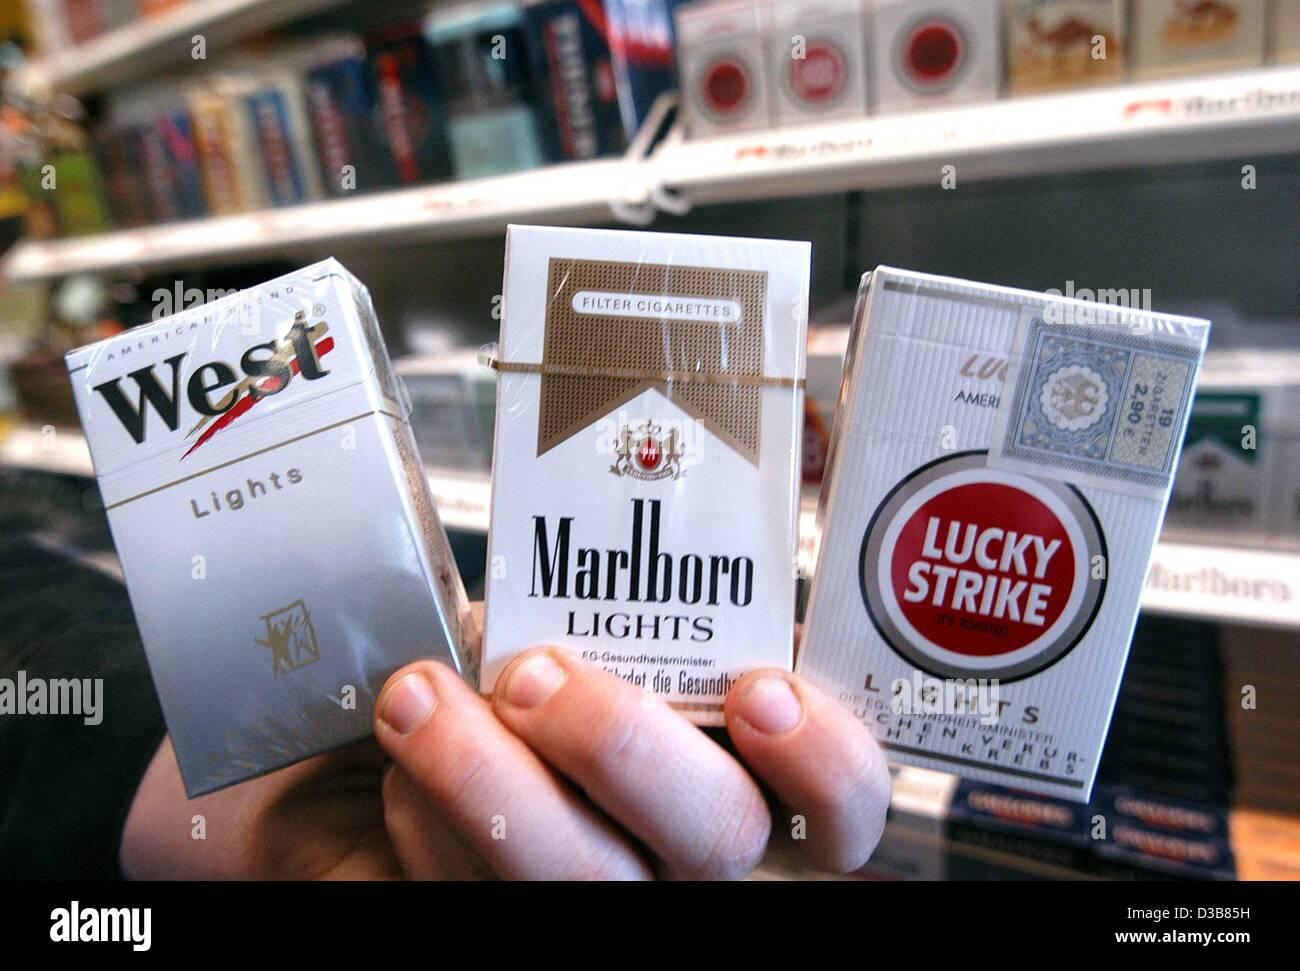 Cost of one cheap cigarettes Marlboro